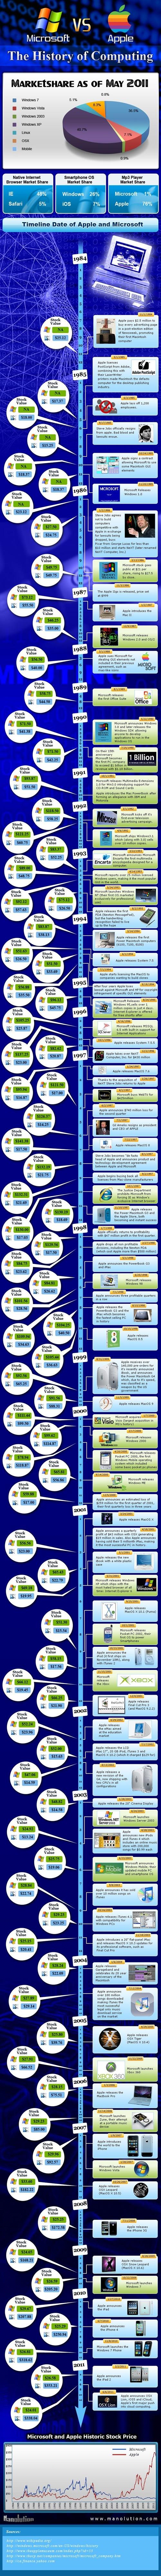 microsoft-vs-apple110623111127